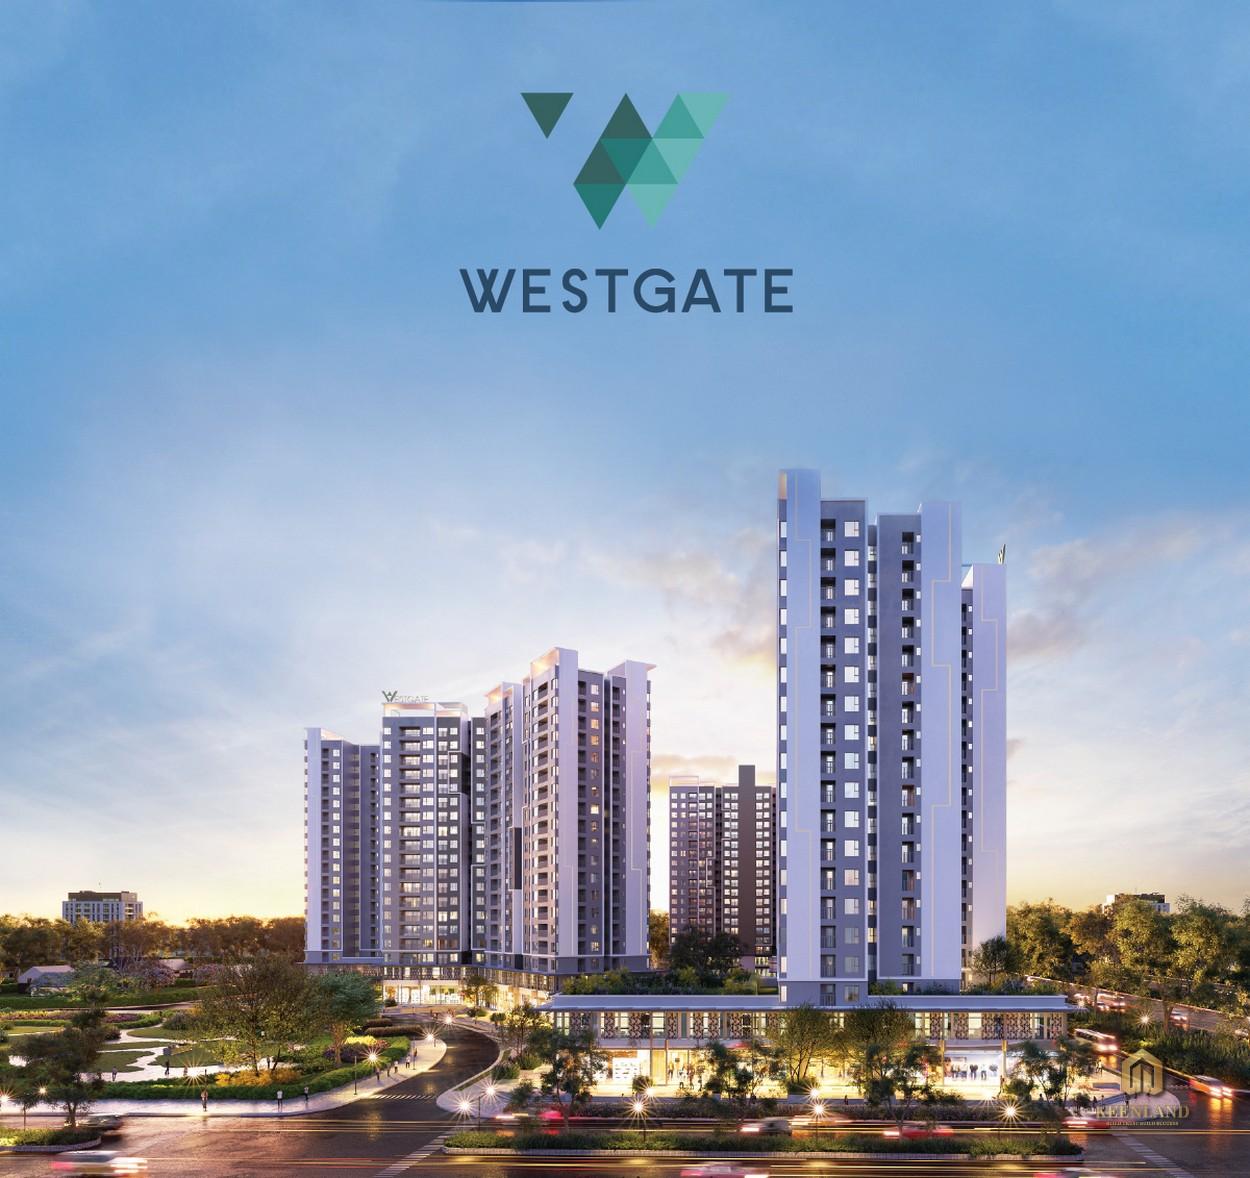 Mua bán cho thuê dự án West gate